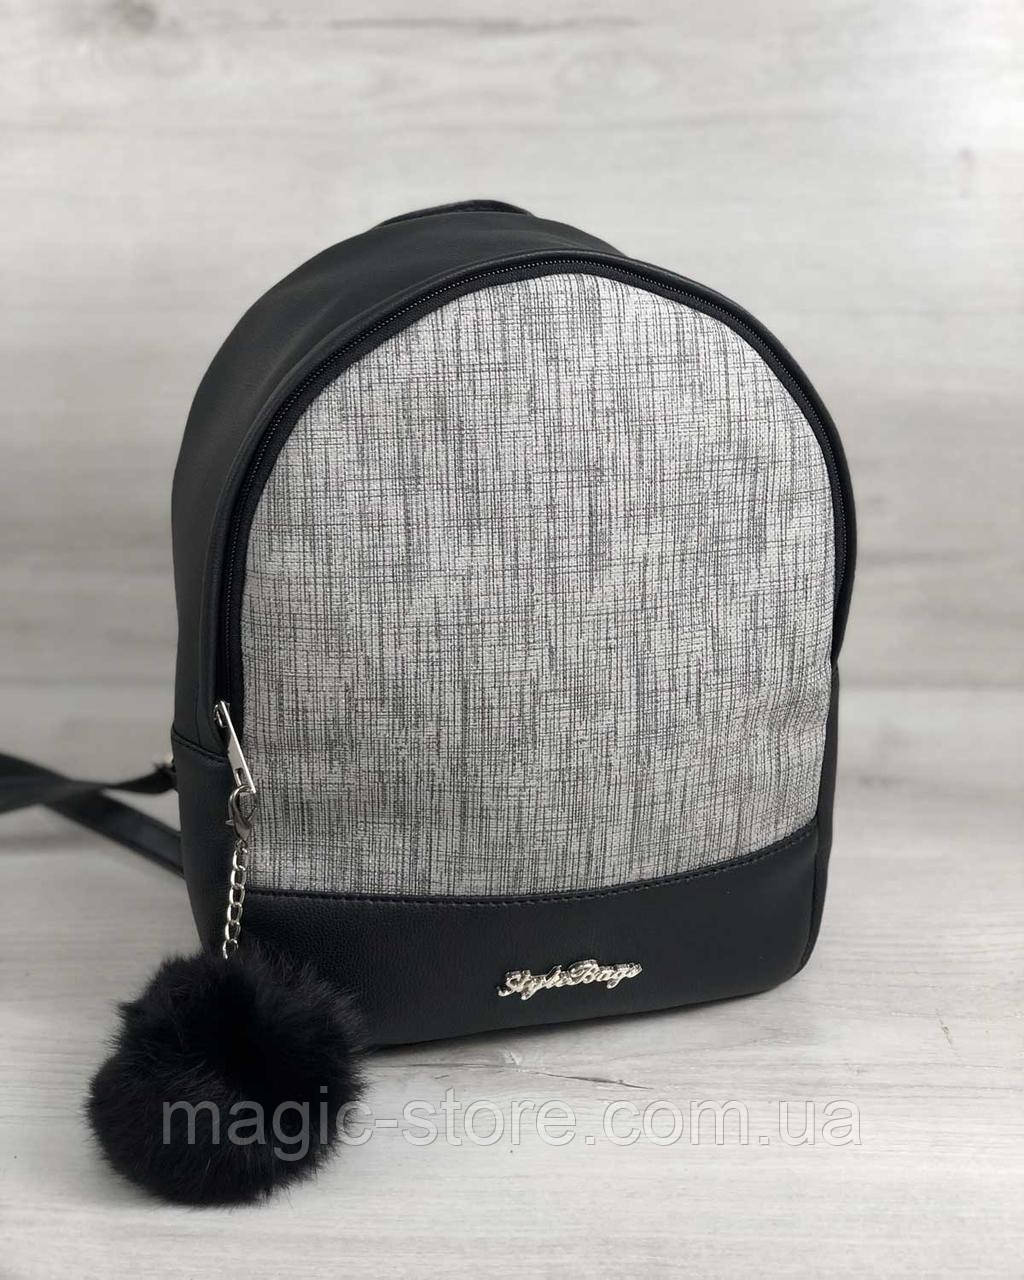 Стильний молодіжний рюкзак Мері сірий блиск